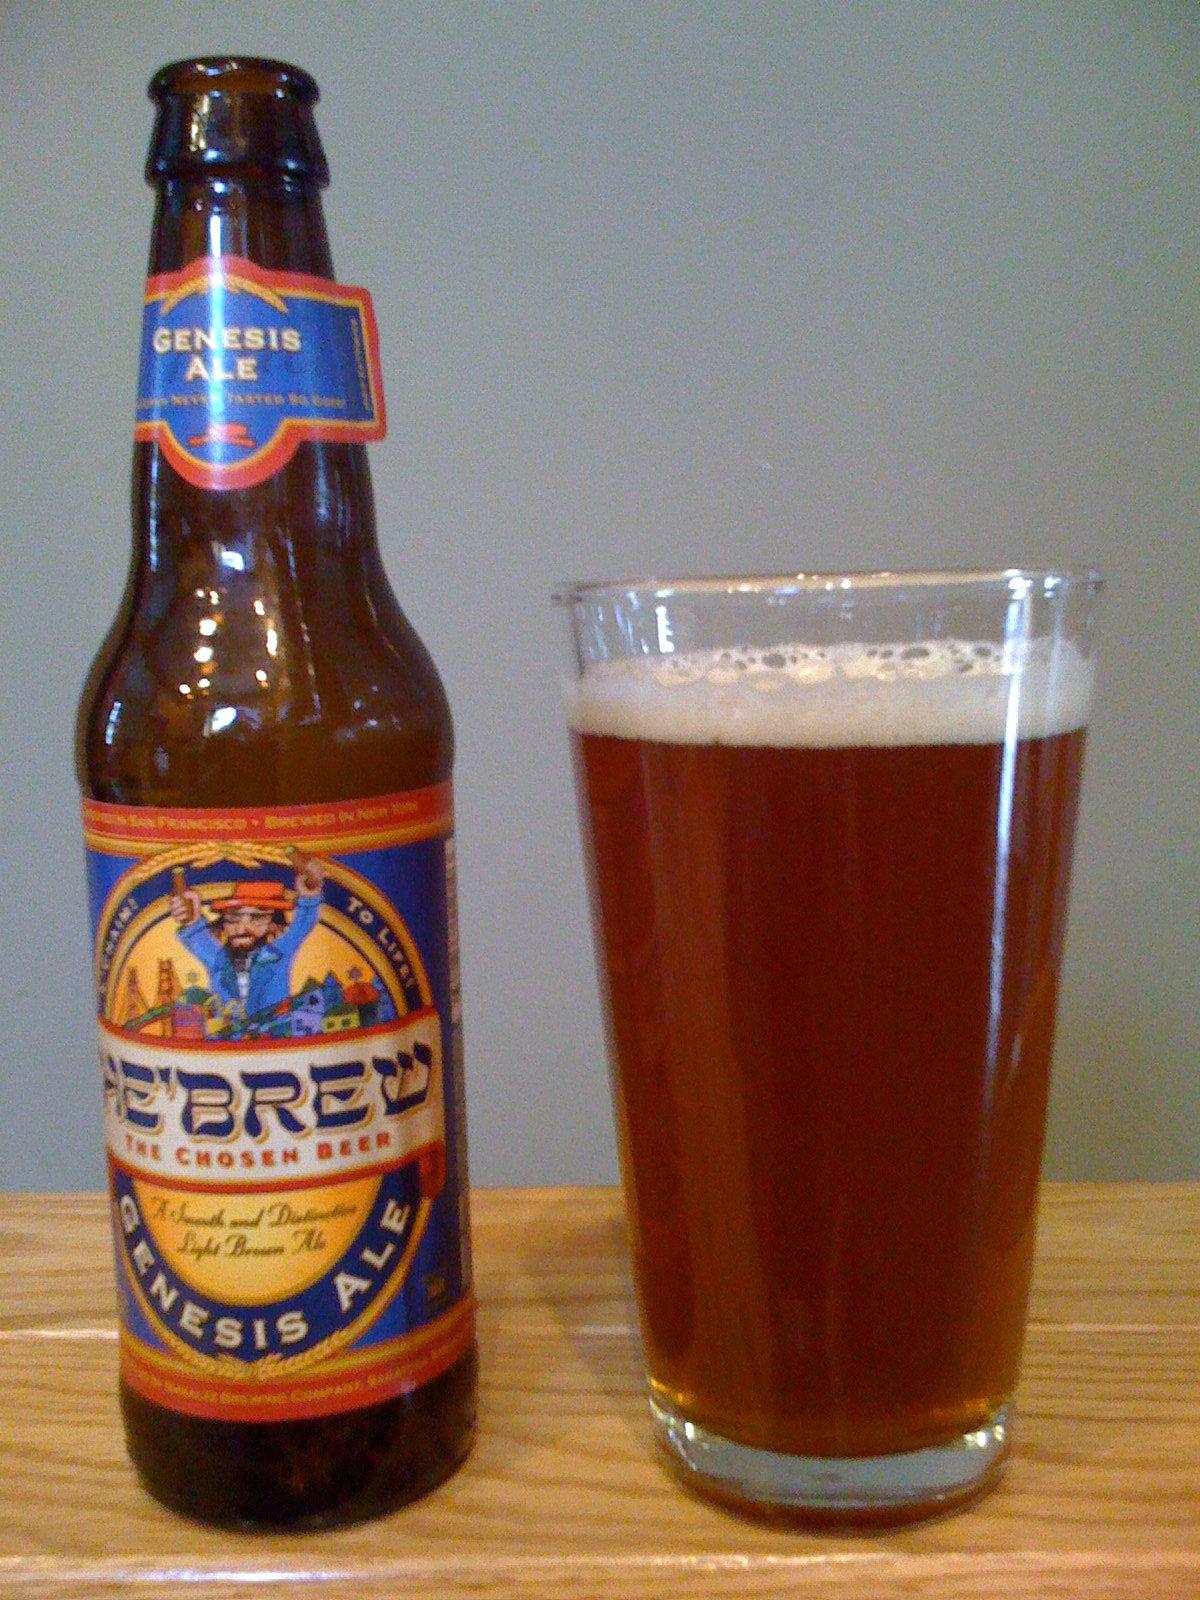 HeBrew Genesis Ale